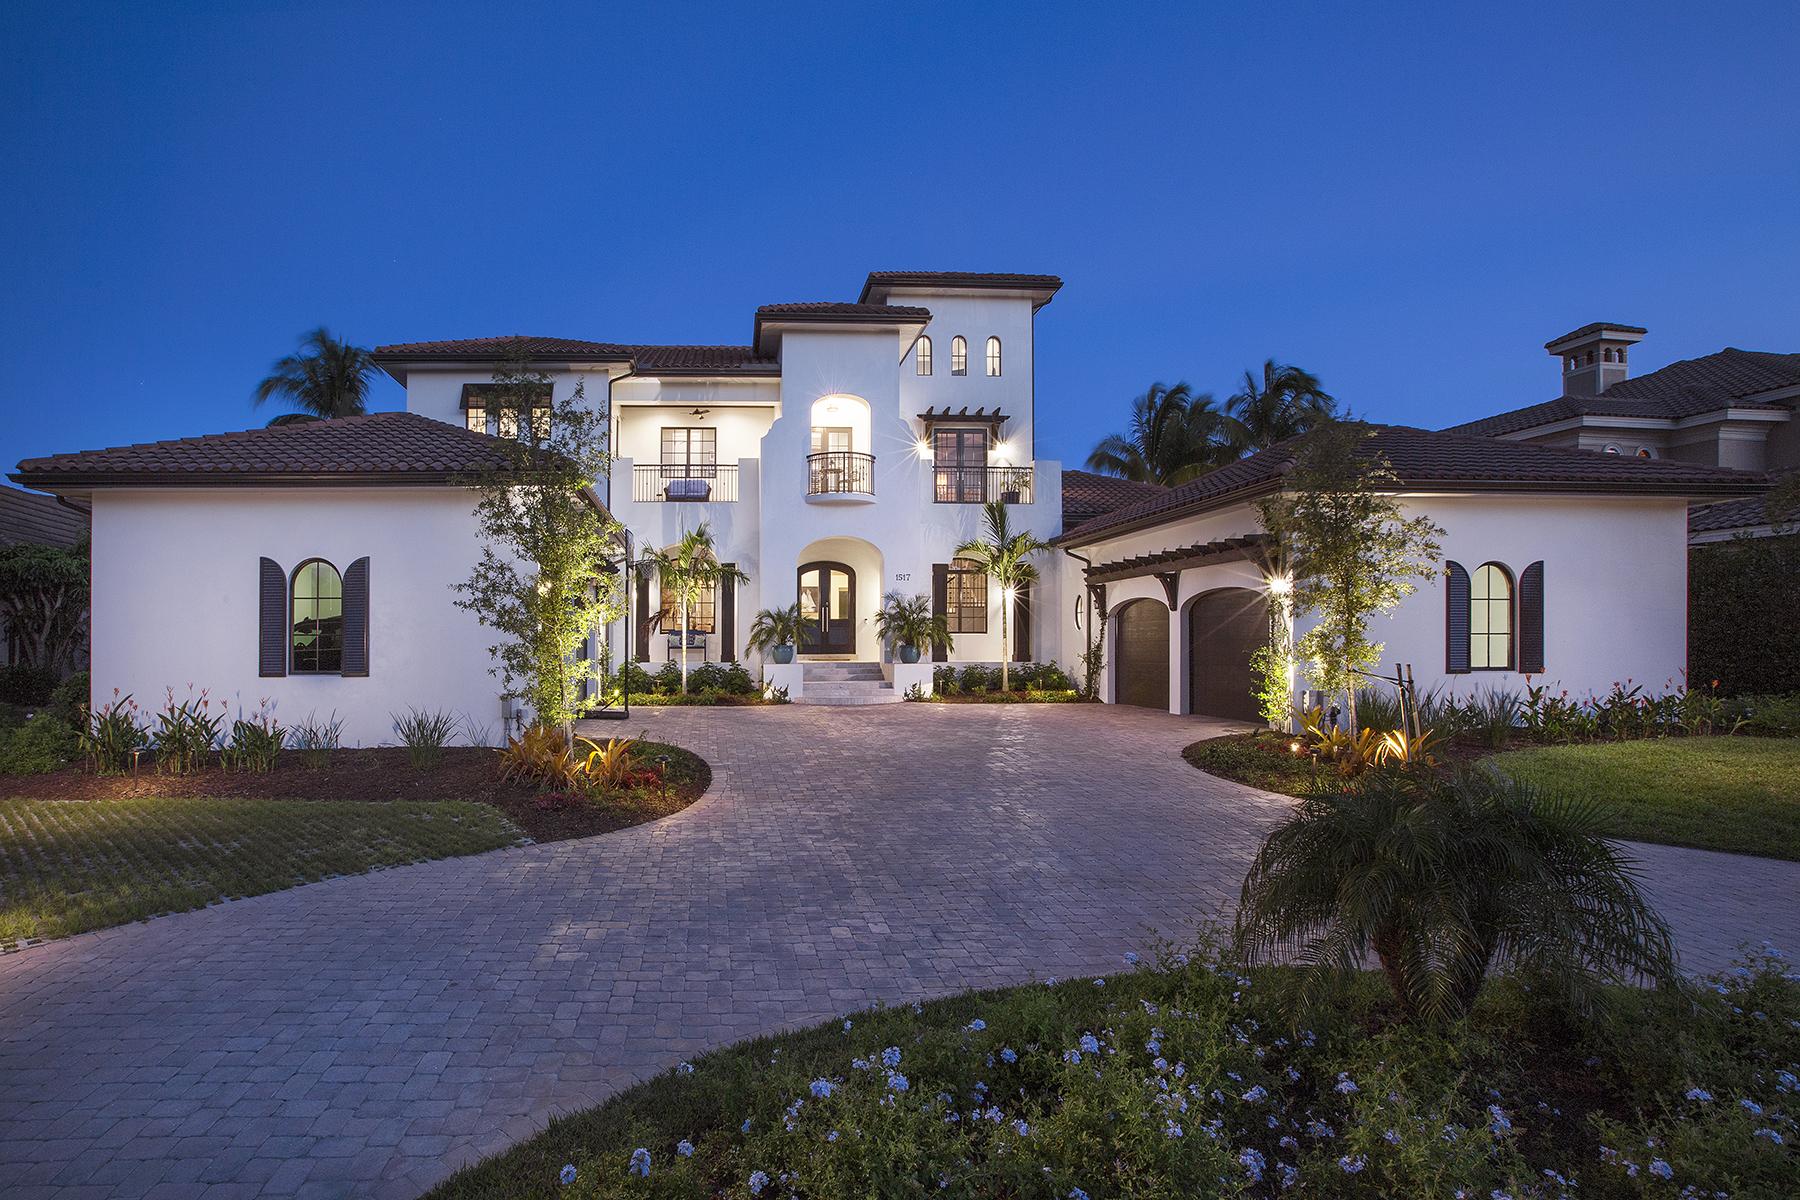 獨棟家庭住宅 為 出售 在 MARCO ISLAND 1517 Caxambas Ct Marco Island, 佛羅里達州 34145 美國